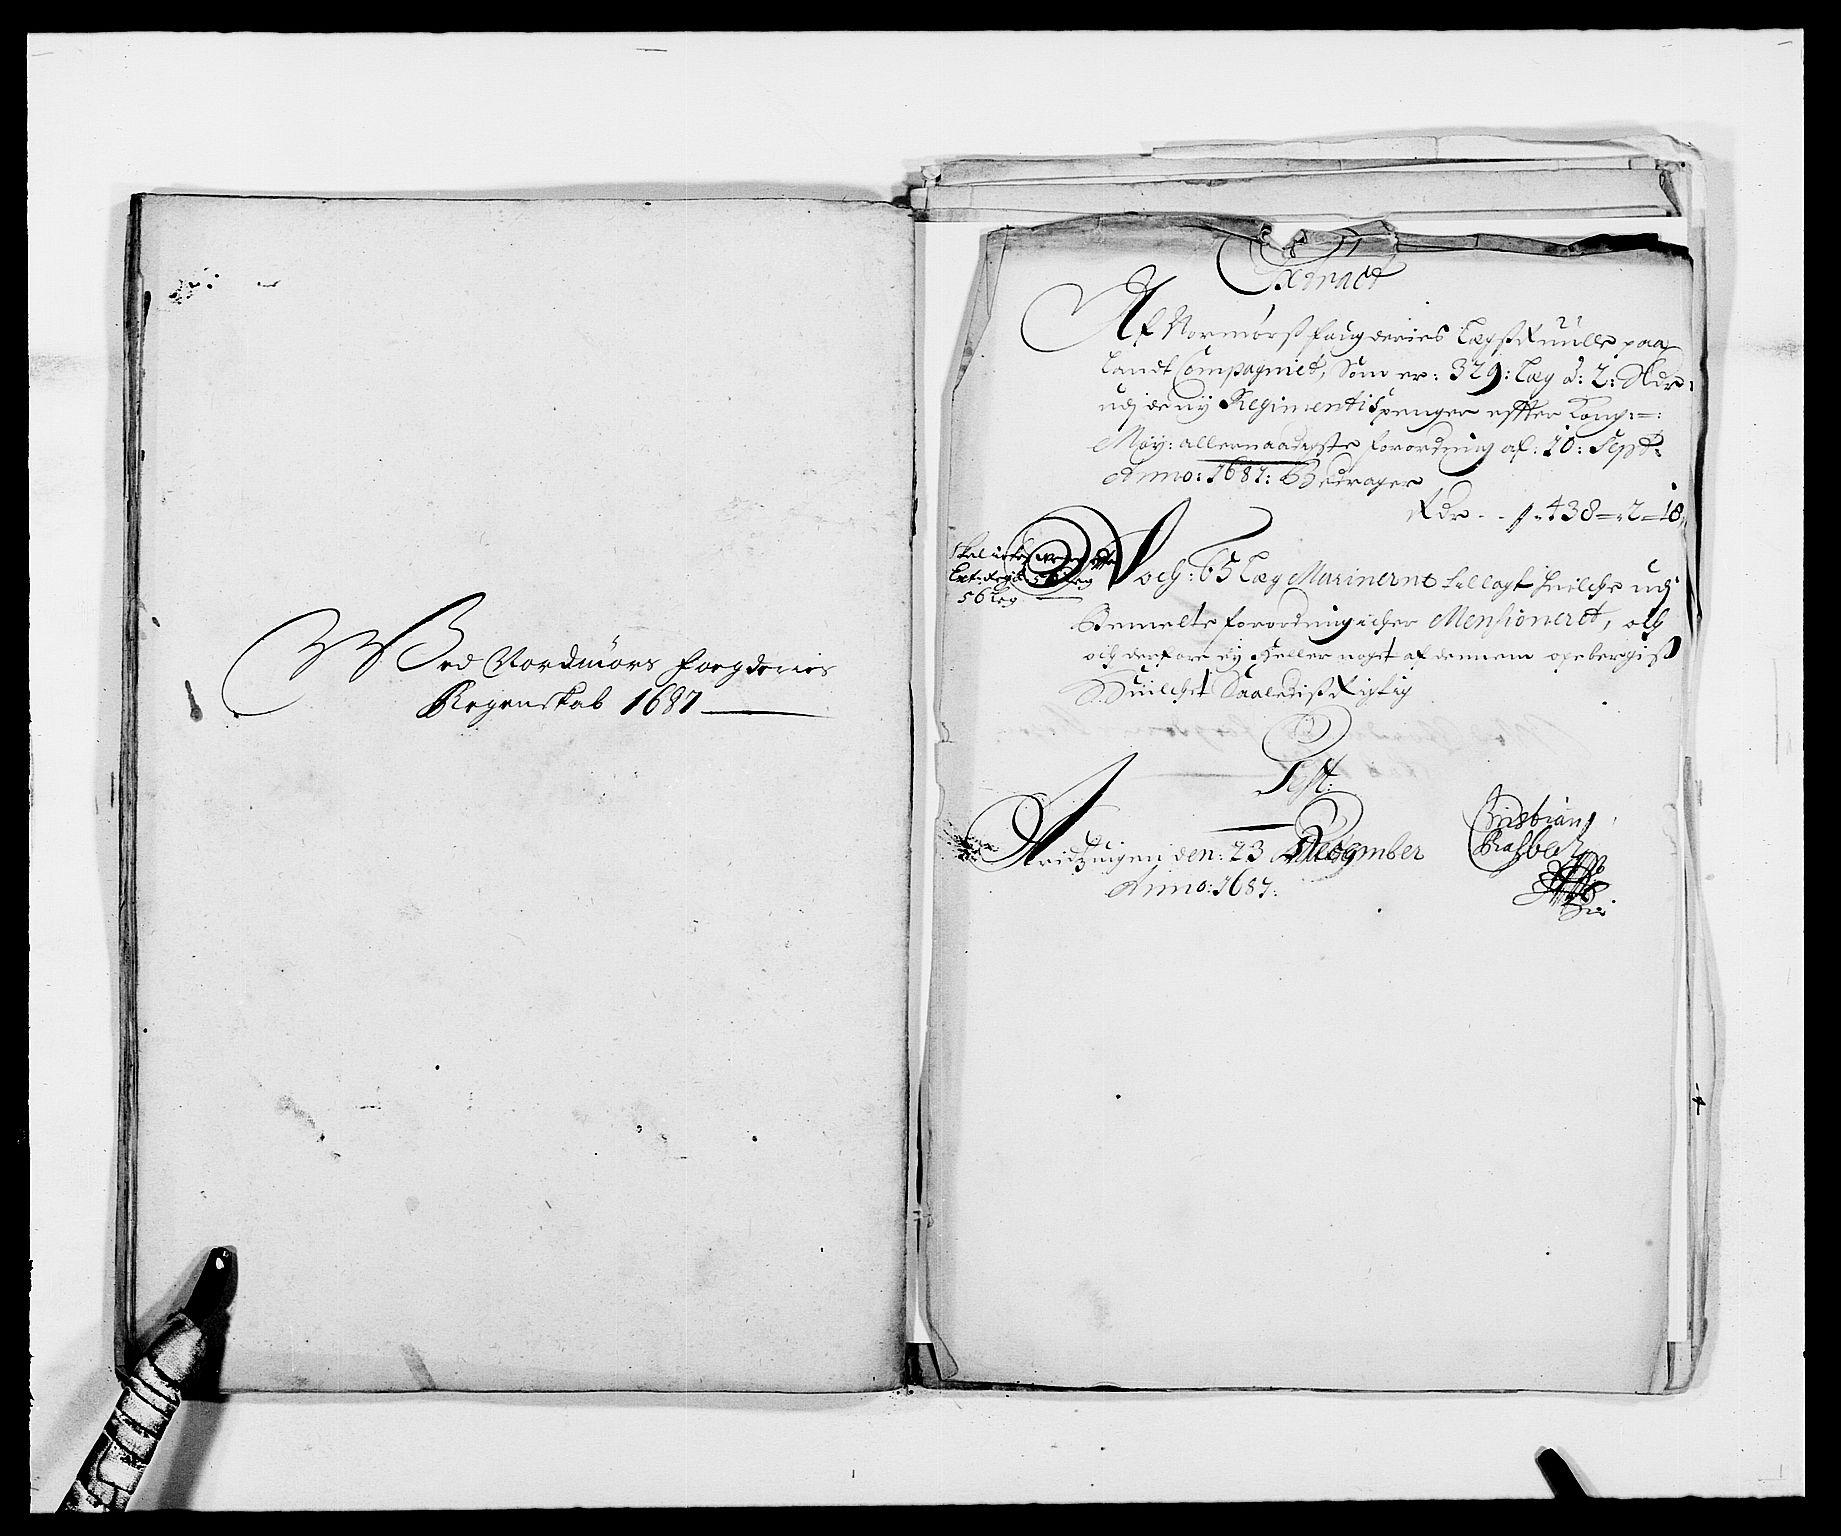 RA, Rentekammeret inntil 1814, Reviderte regnskaper, Fogderegnskap, R56/L3733: Fogderegnskap Nordmøre, 1687-1689, s. 43